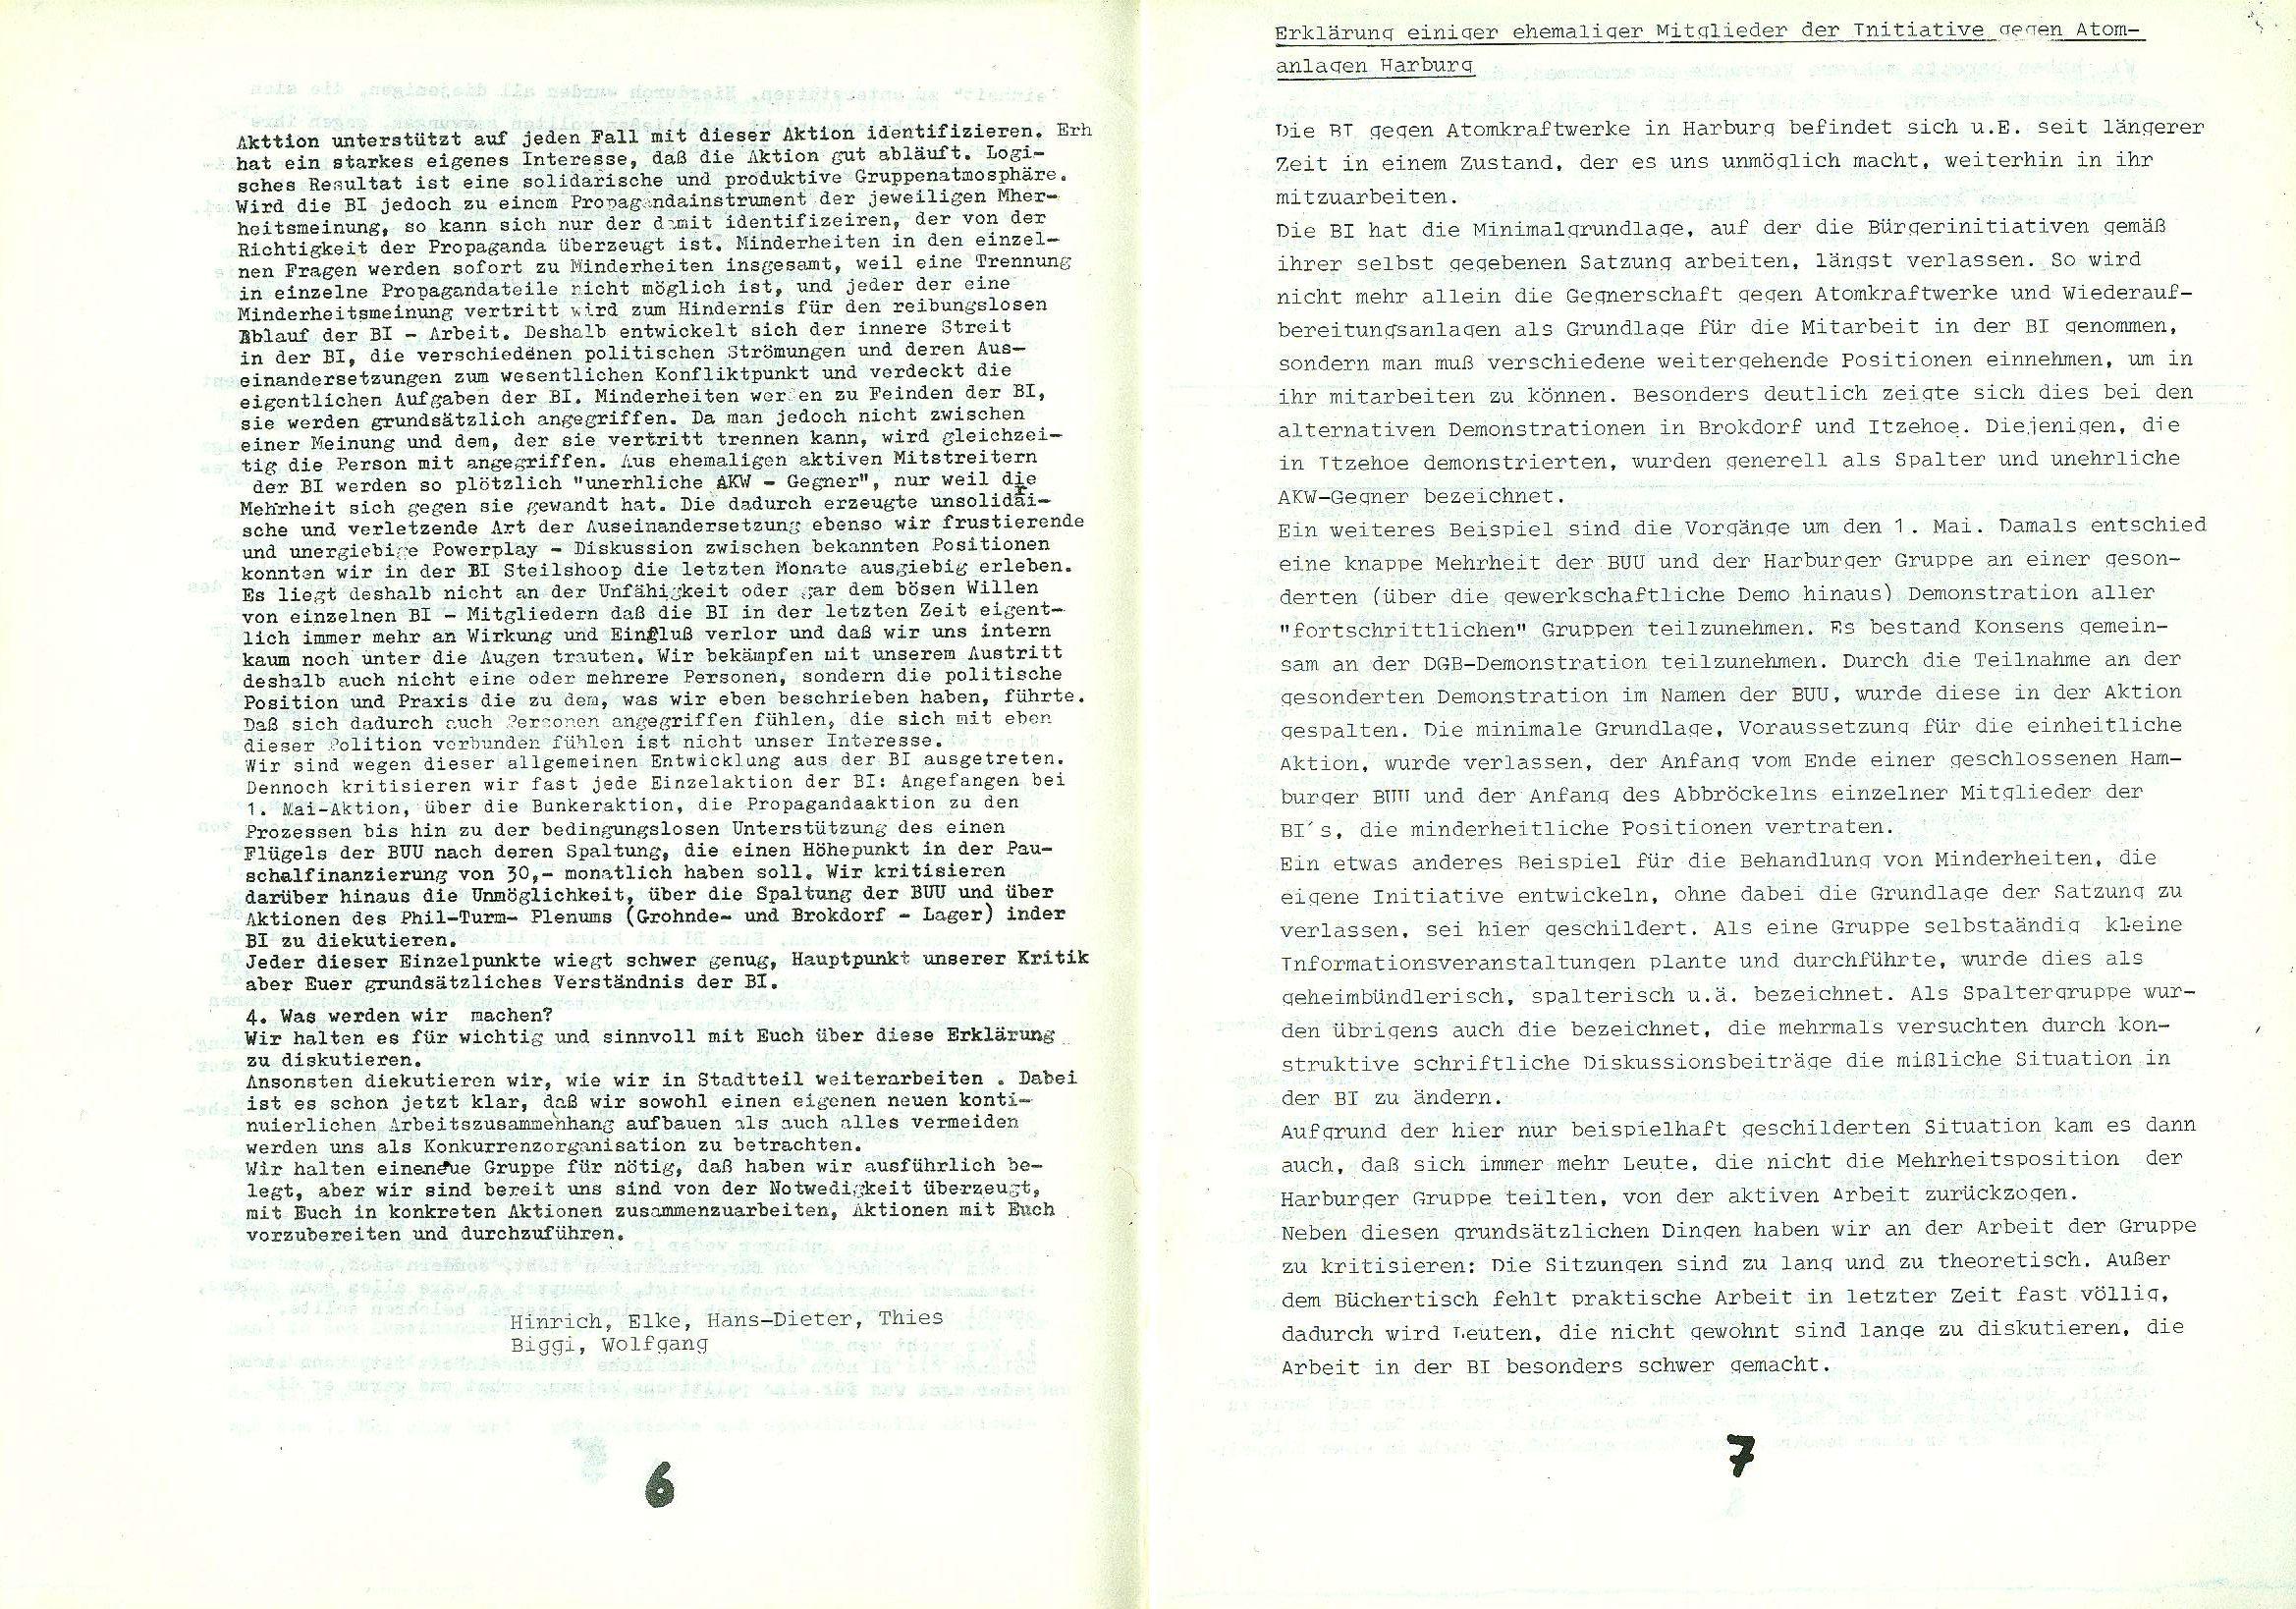 Brueterblatt004